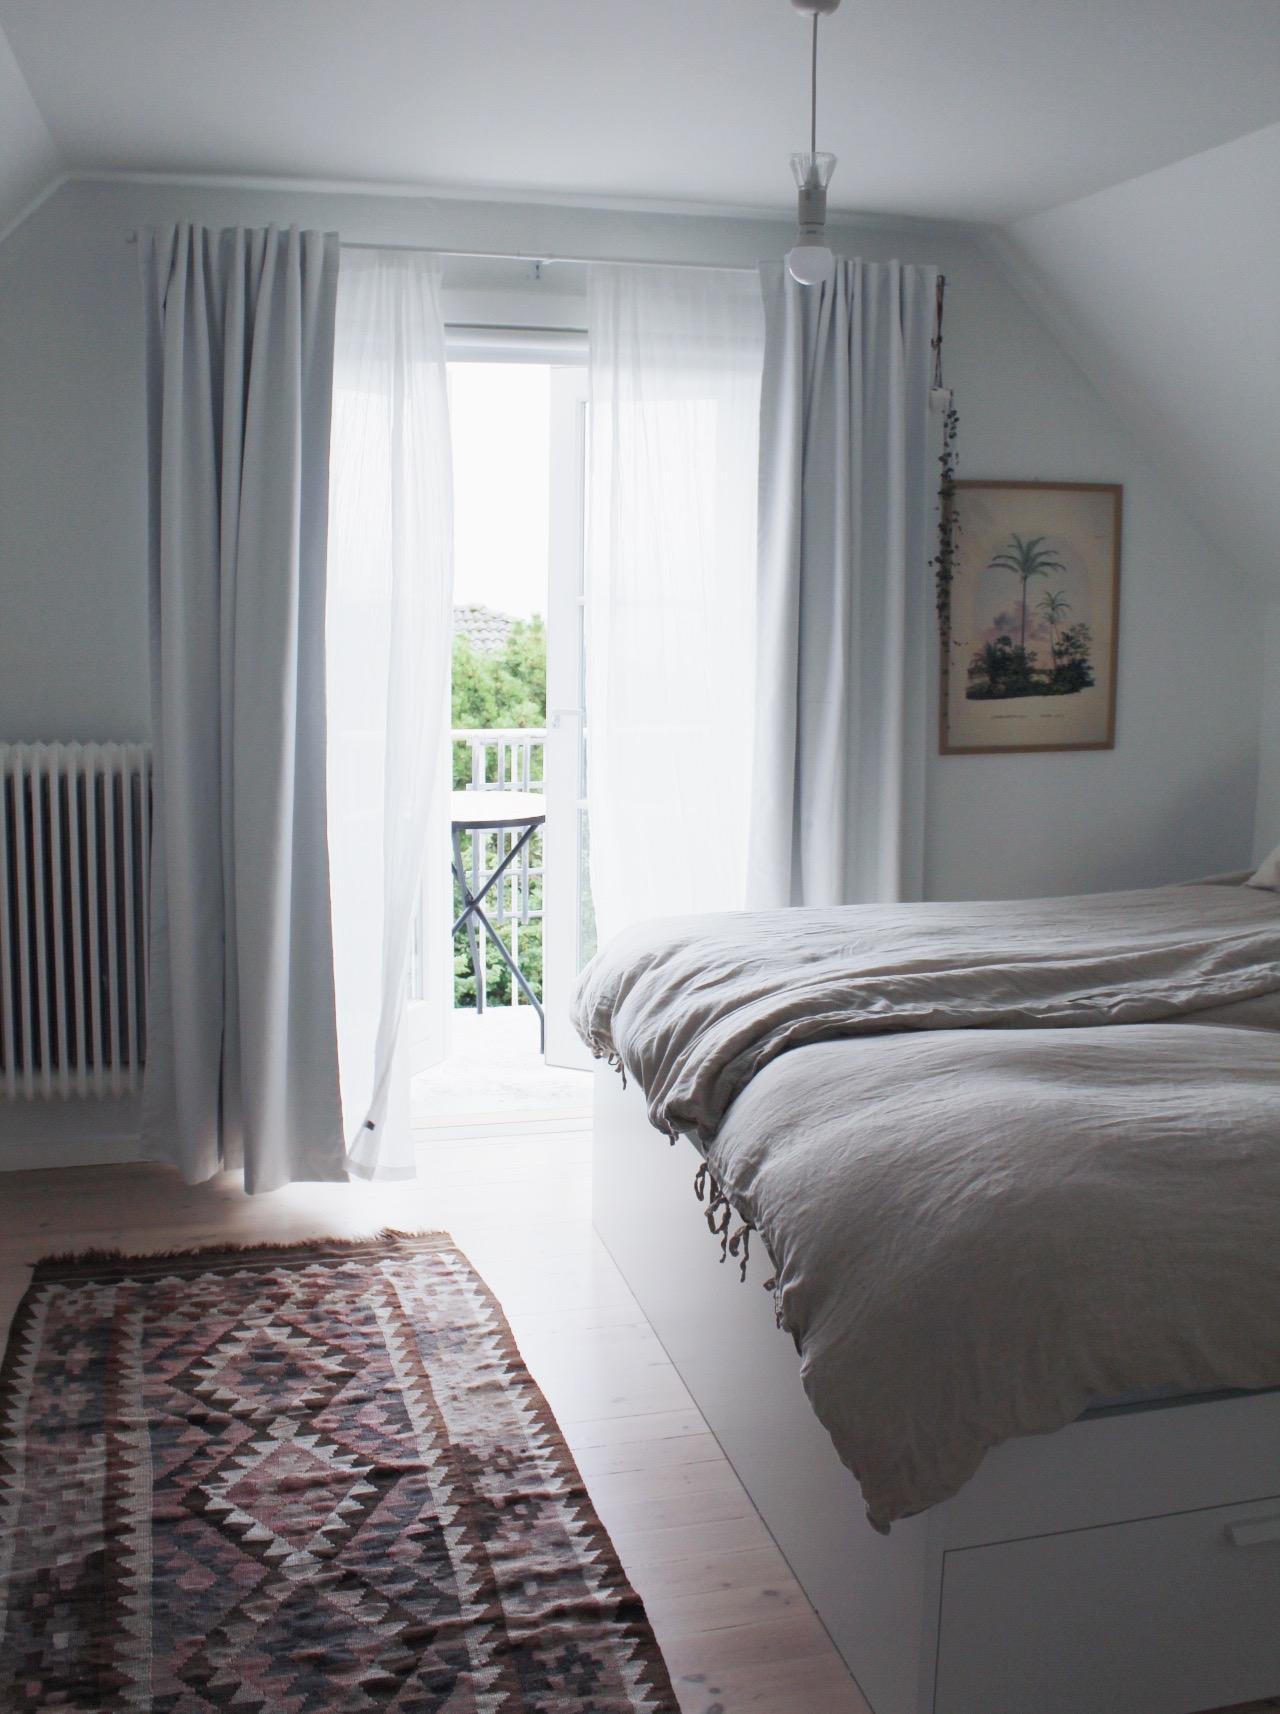 Merellisen makuuhuoneen uudet verhot ja uusi look